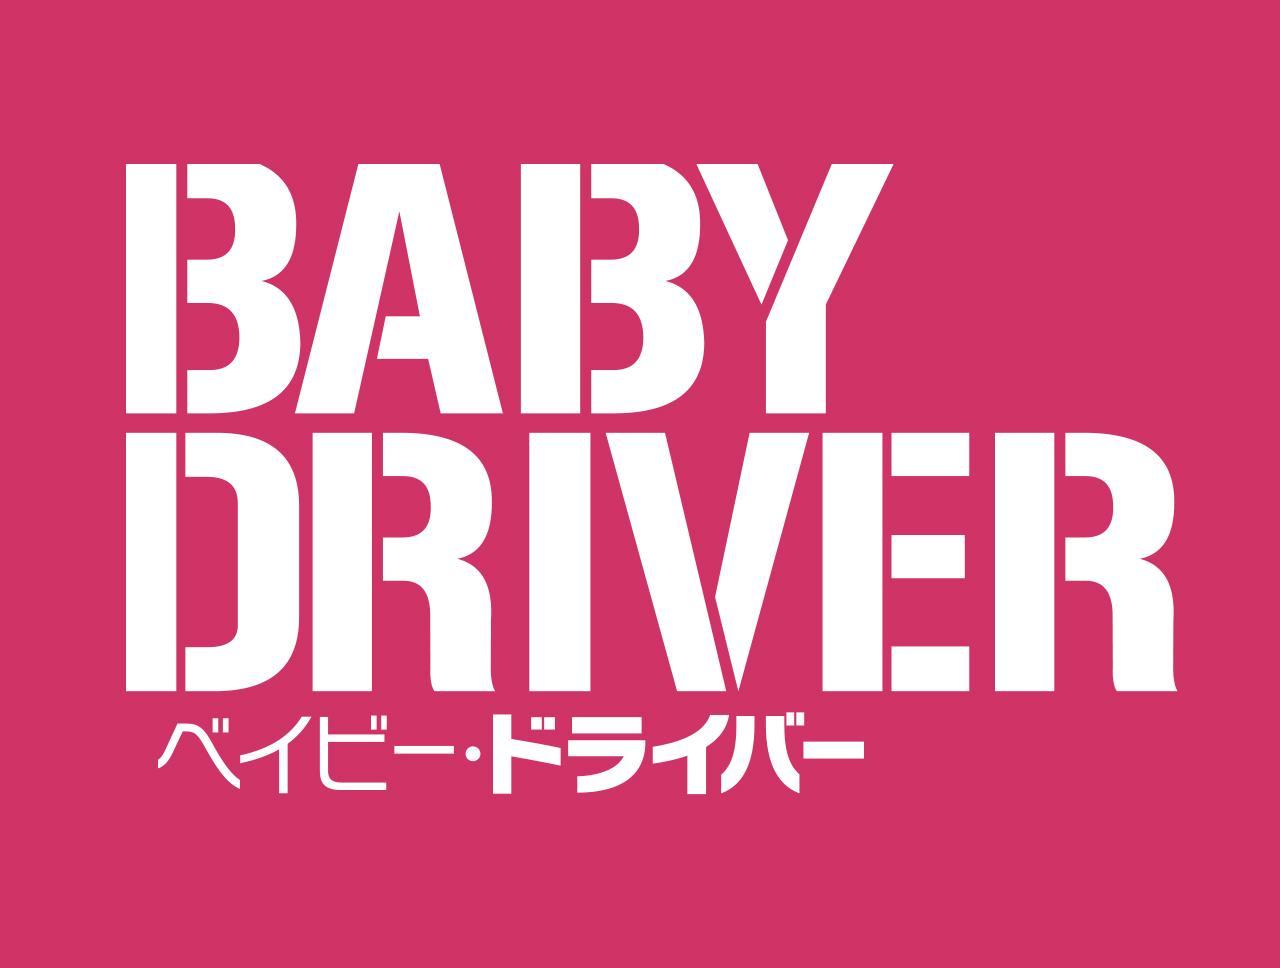 画像: 映画『ベイビー・ドライバー』オフィシャルサイト ソニー・ピクチャーズ